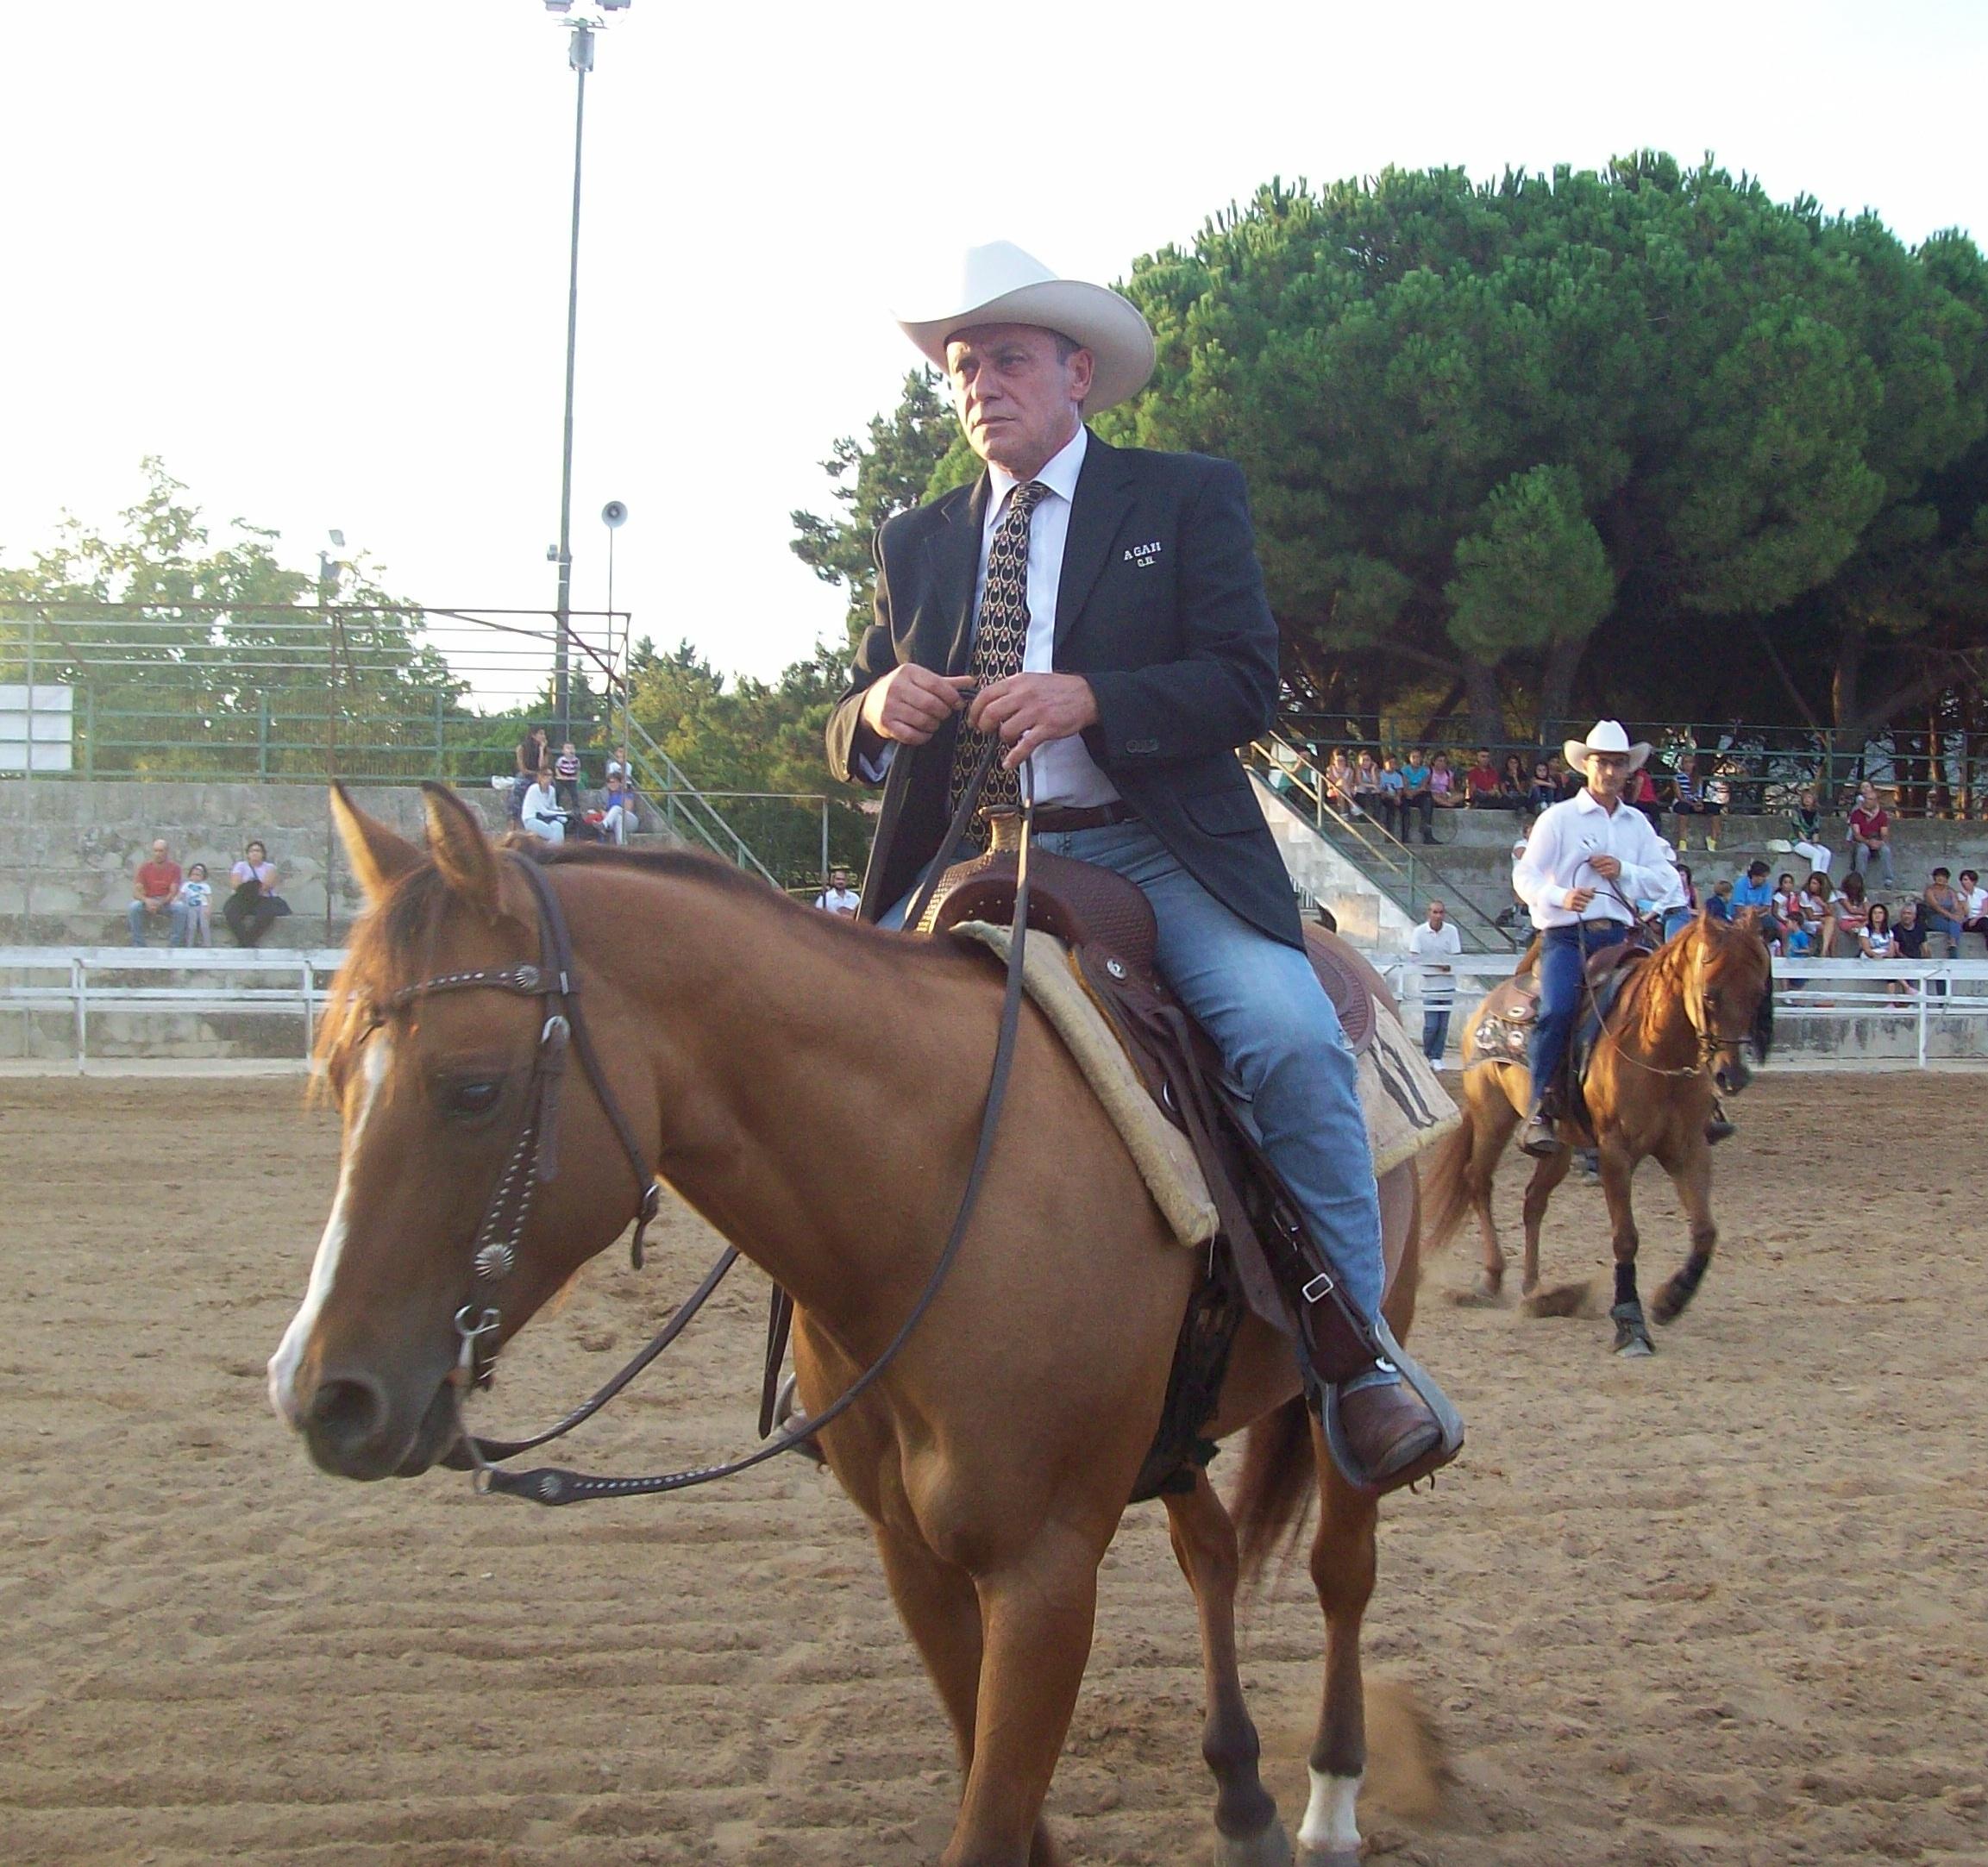 https://www.ragusanews.com//immagini_articoli/28-08-2015/1440750719-1-benvenuti-nel-far-west-a-cavallo.jpg